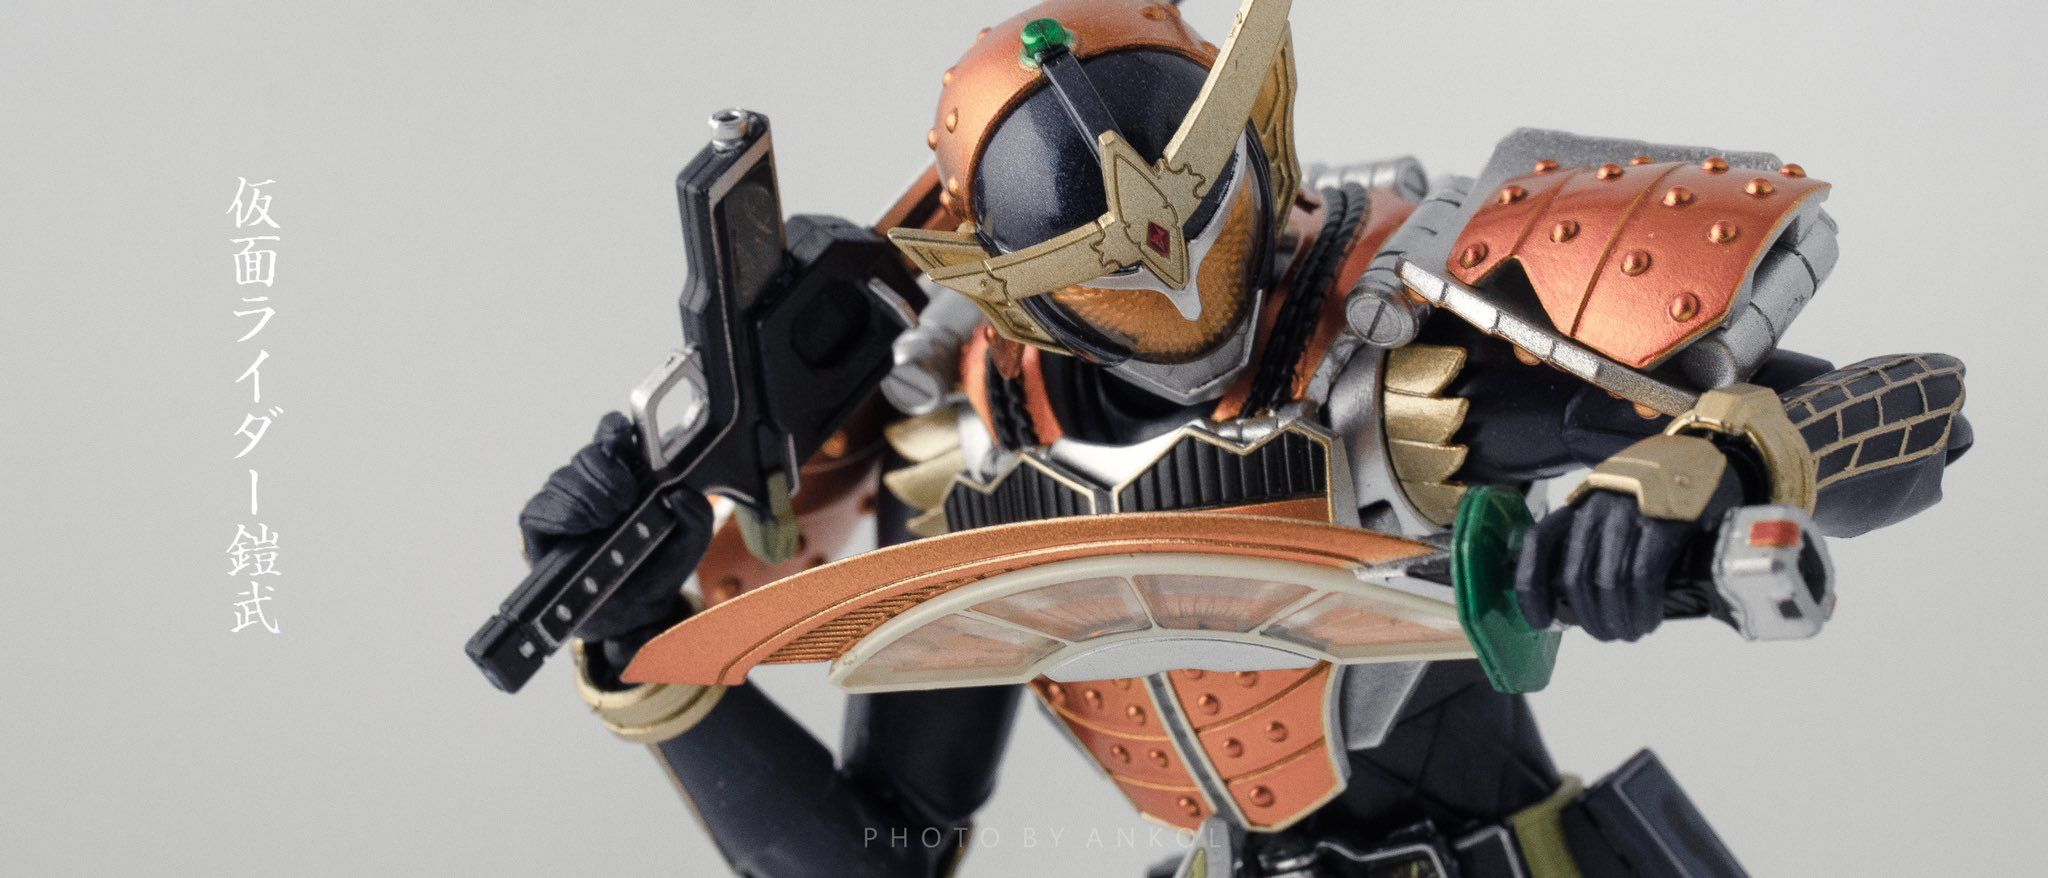 pin by r u s h on 鎧武 samurai gear kamen rider rider